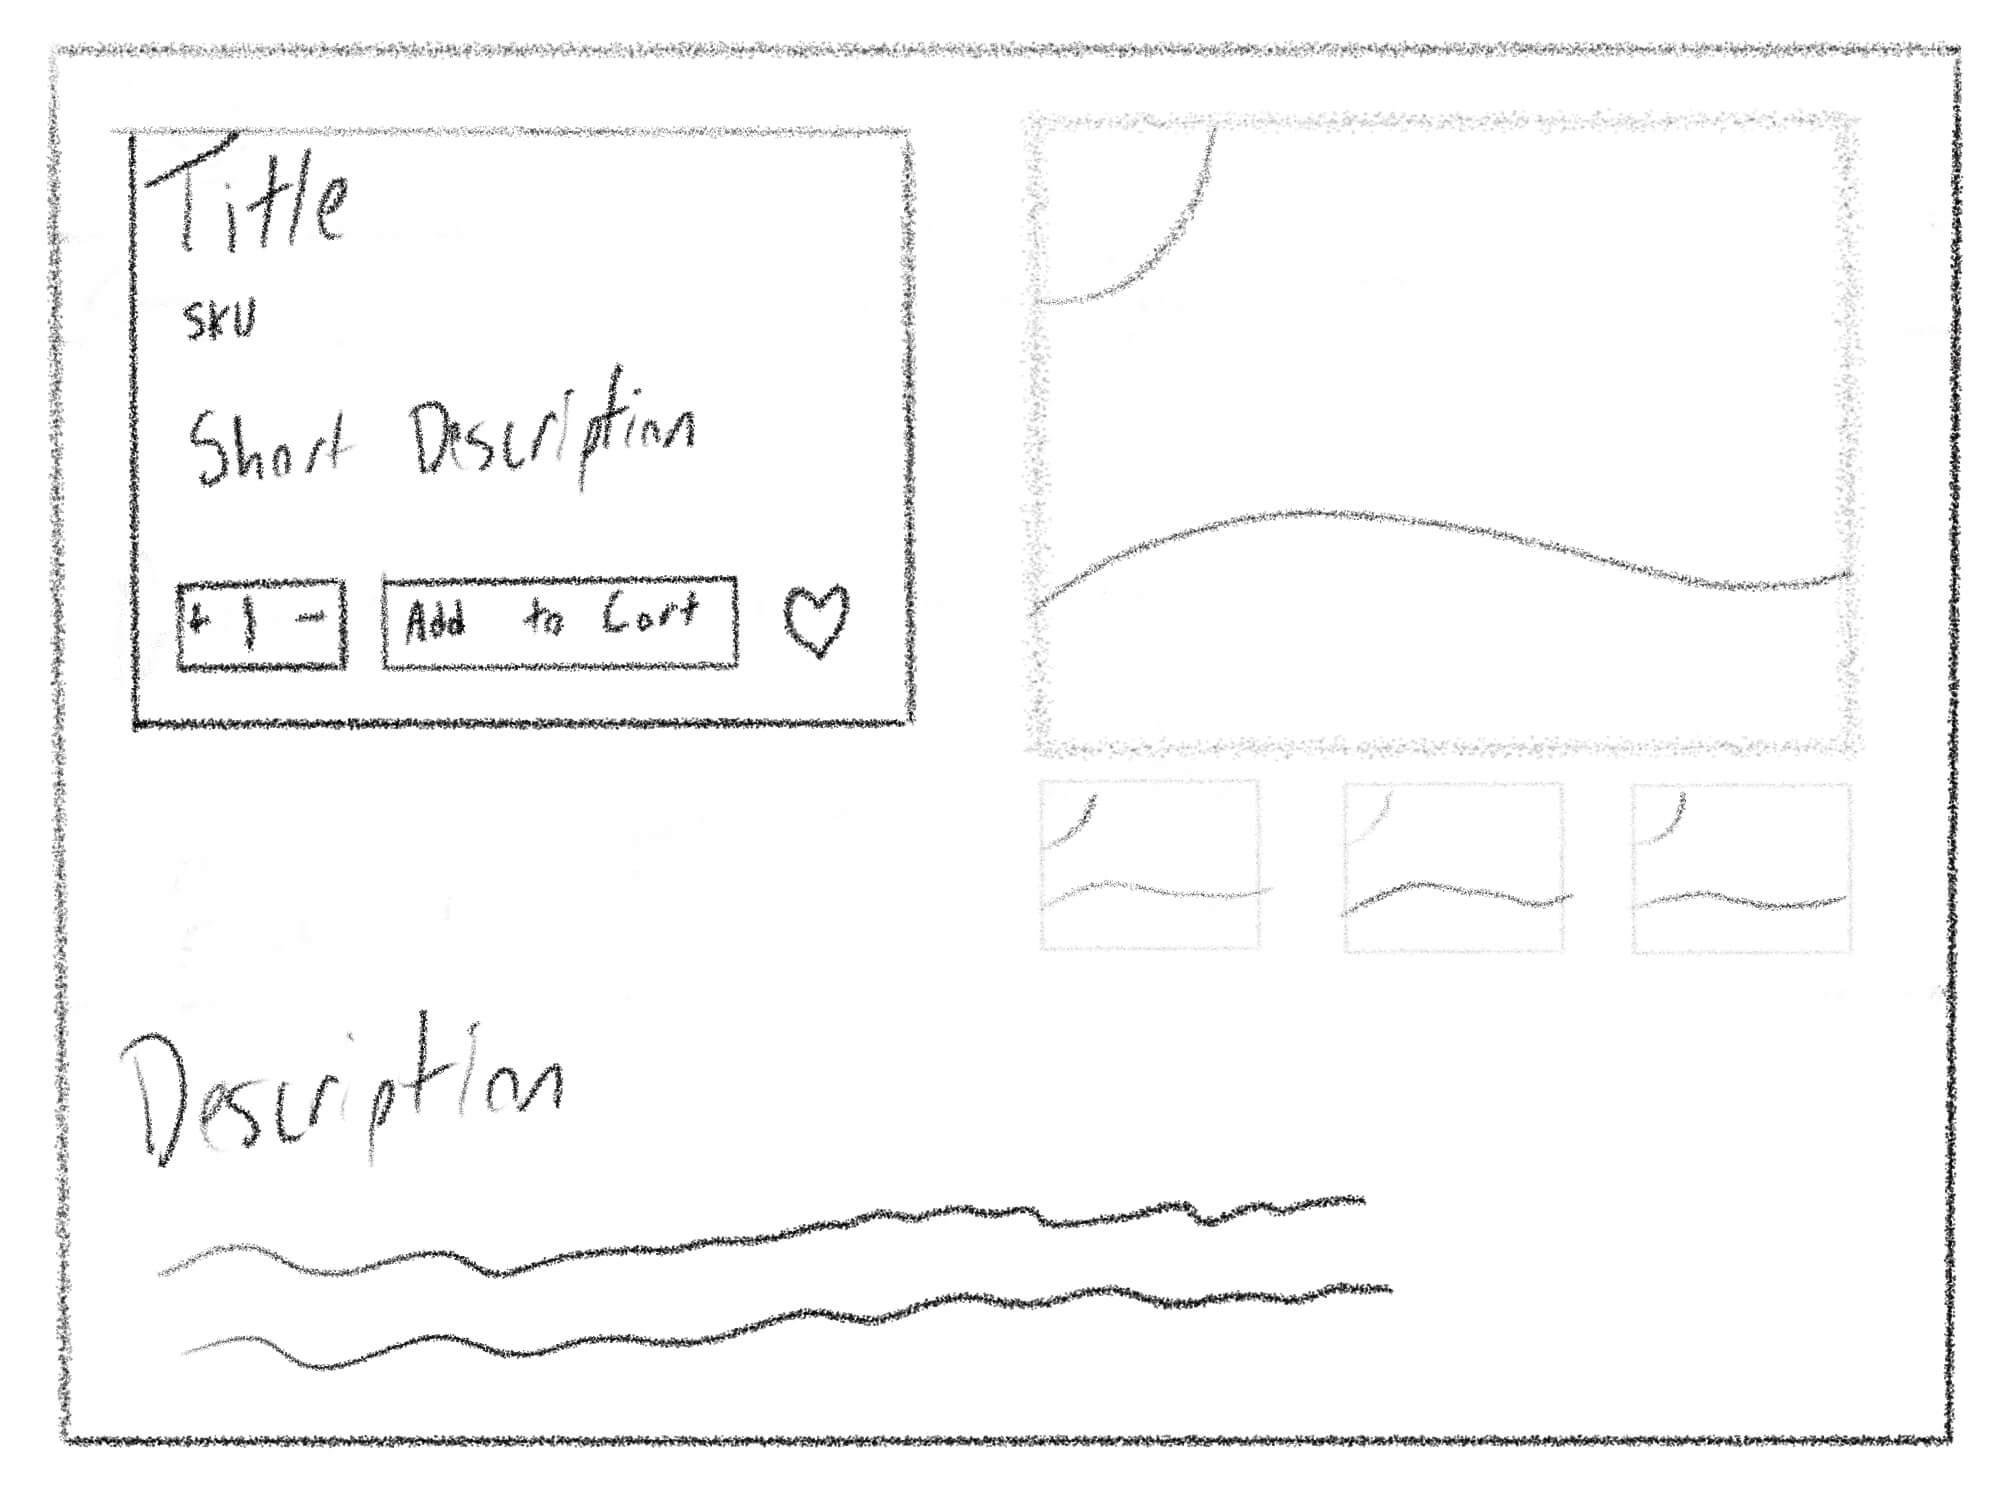 Design System Mockup | Toby Everett